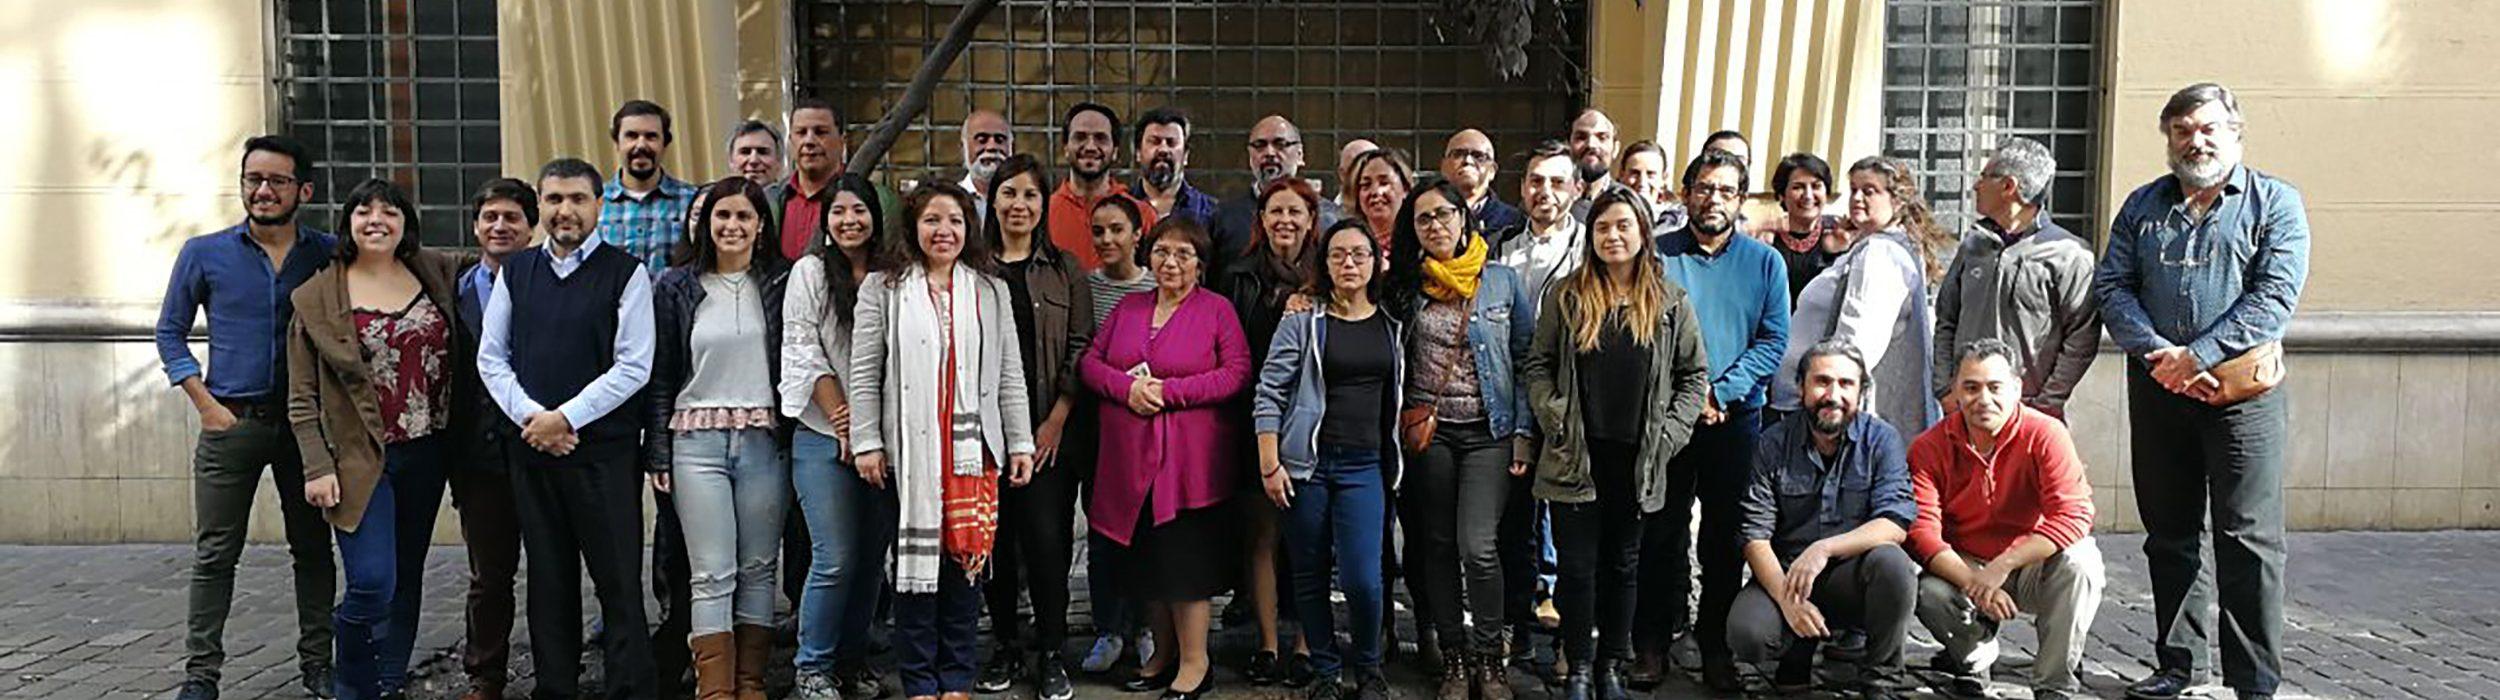 Instituciones que se unieron al nodo GBIF-Chile se comprometieron a publicar datos de biodiversidad para mejorar la gestión en conservación